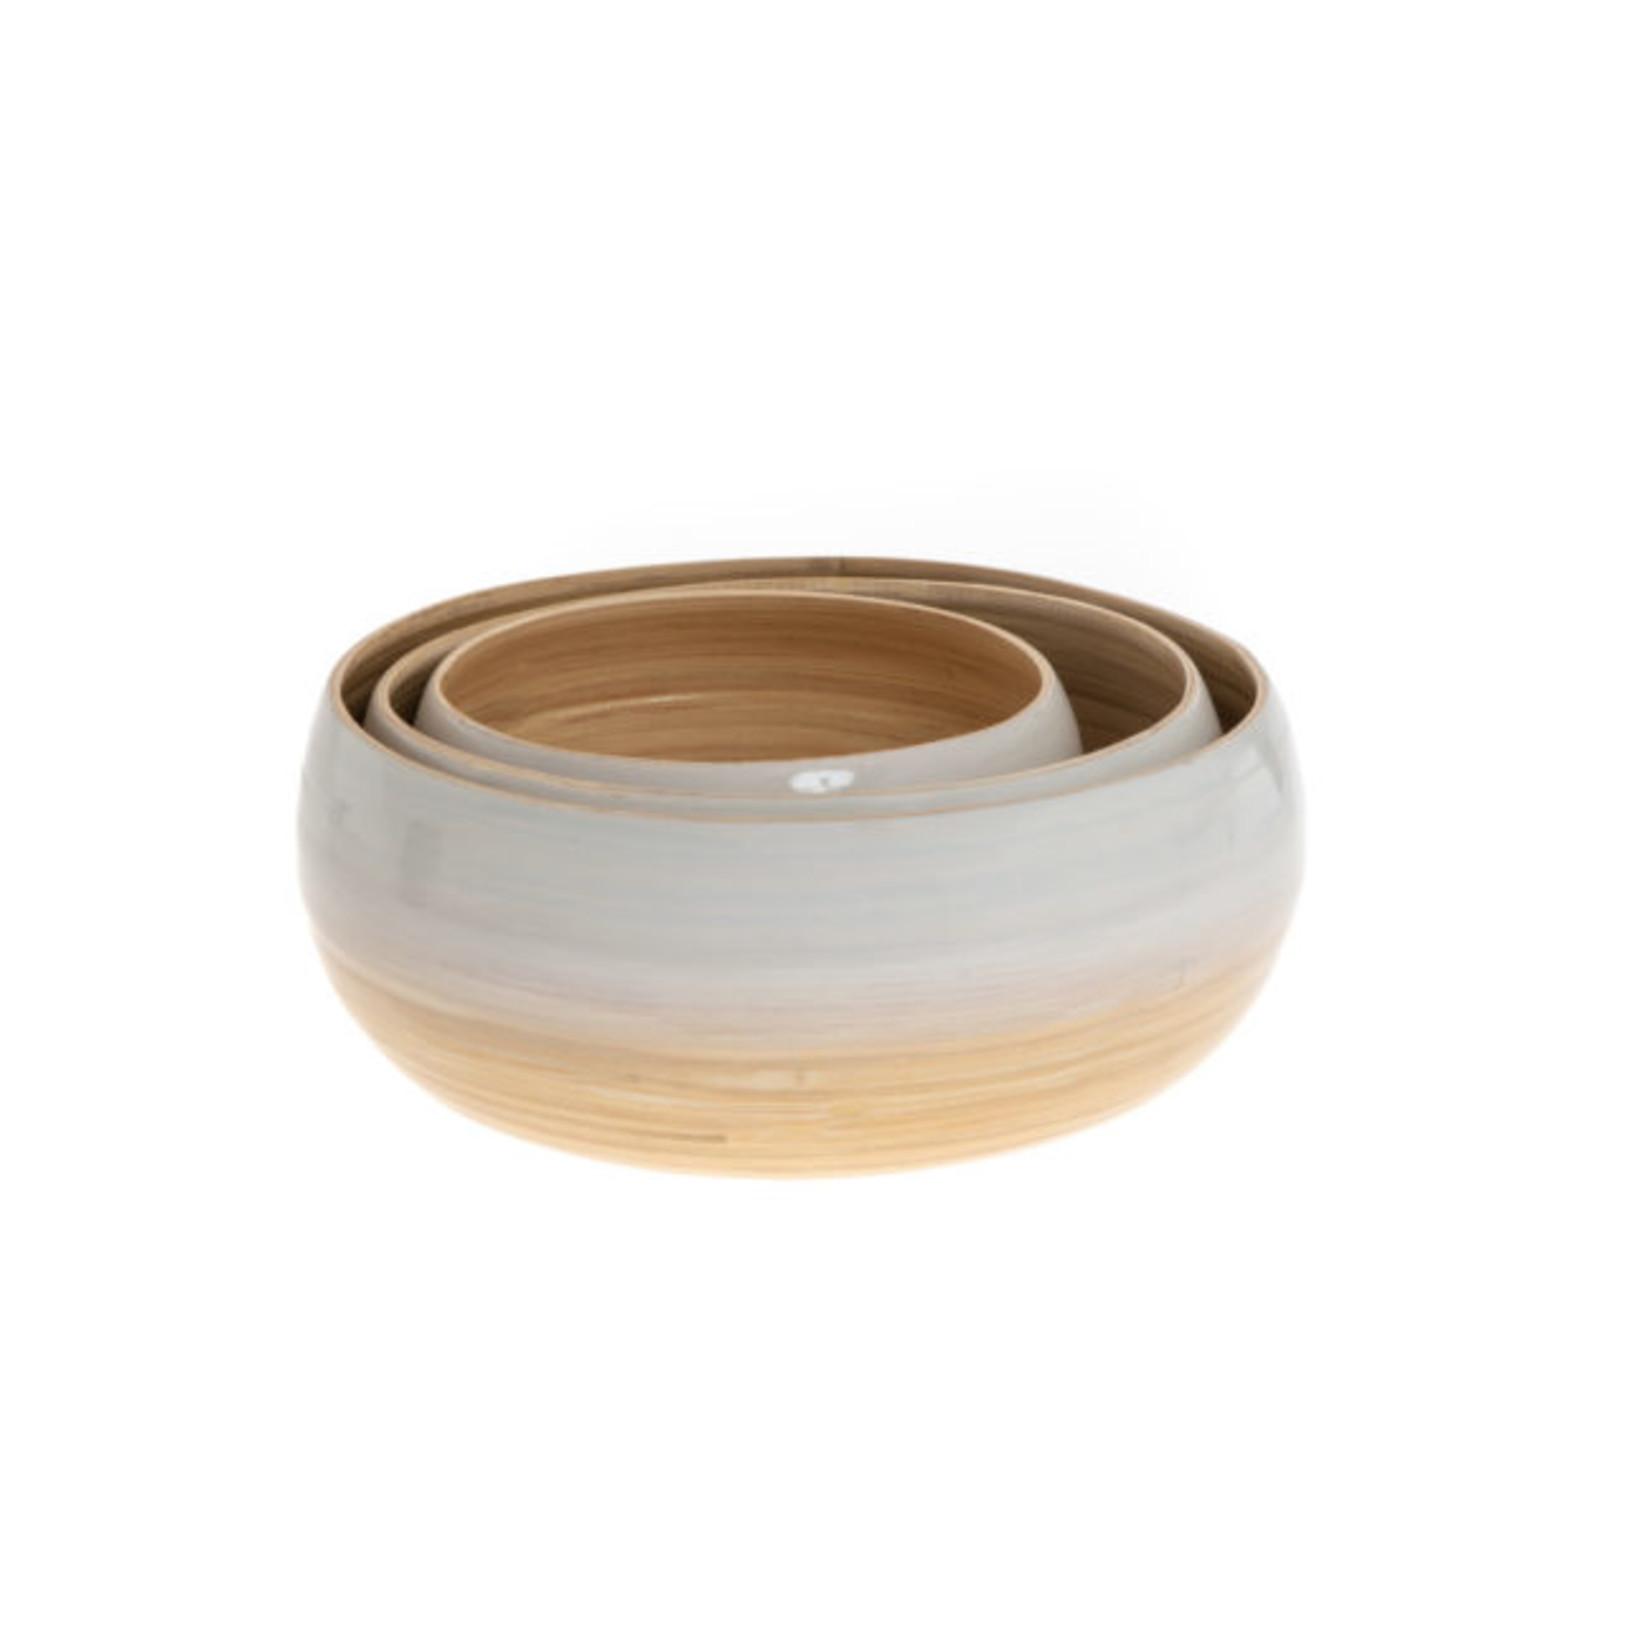 Bamboe schalen set (classic)